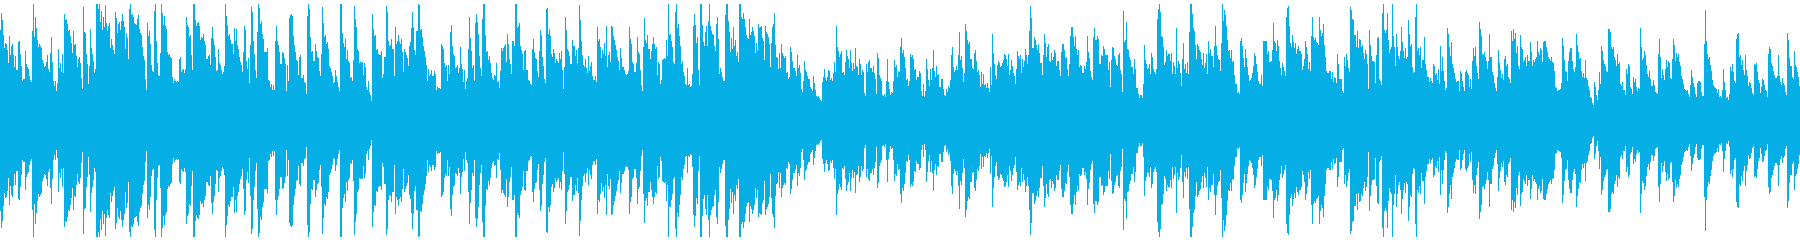 知的でスタイリッシュなジャズ ※ループ版の再生済みの波形